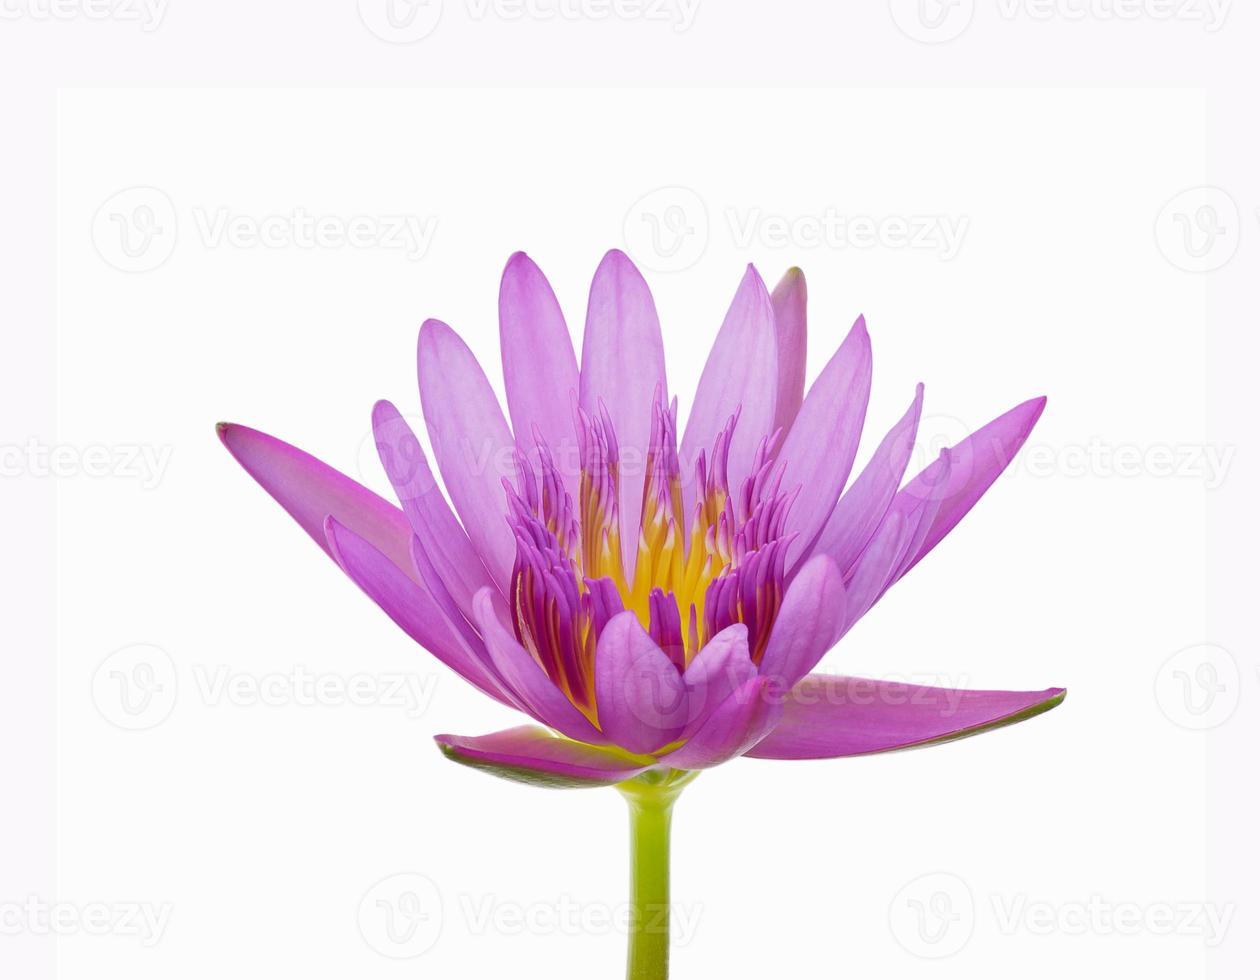 Beau nénuphar rose ou fleur de lotus isoler sur zone blanche photo